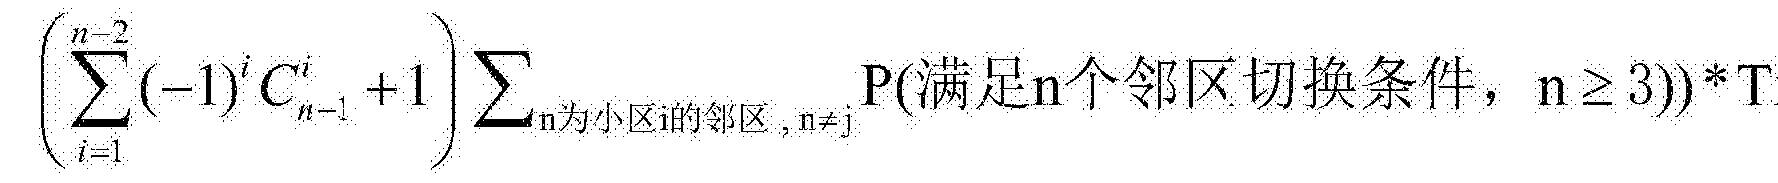 Figure CN104219707BD00185